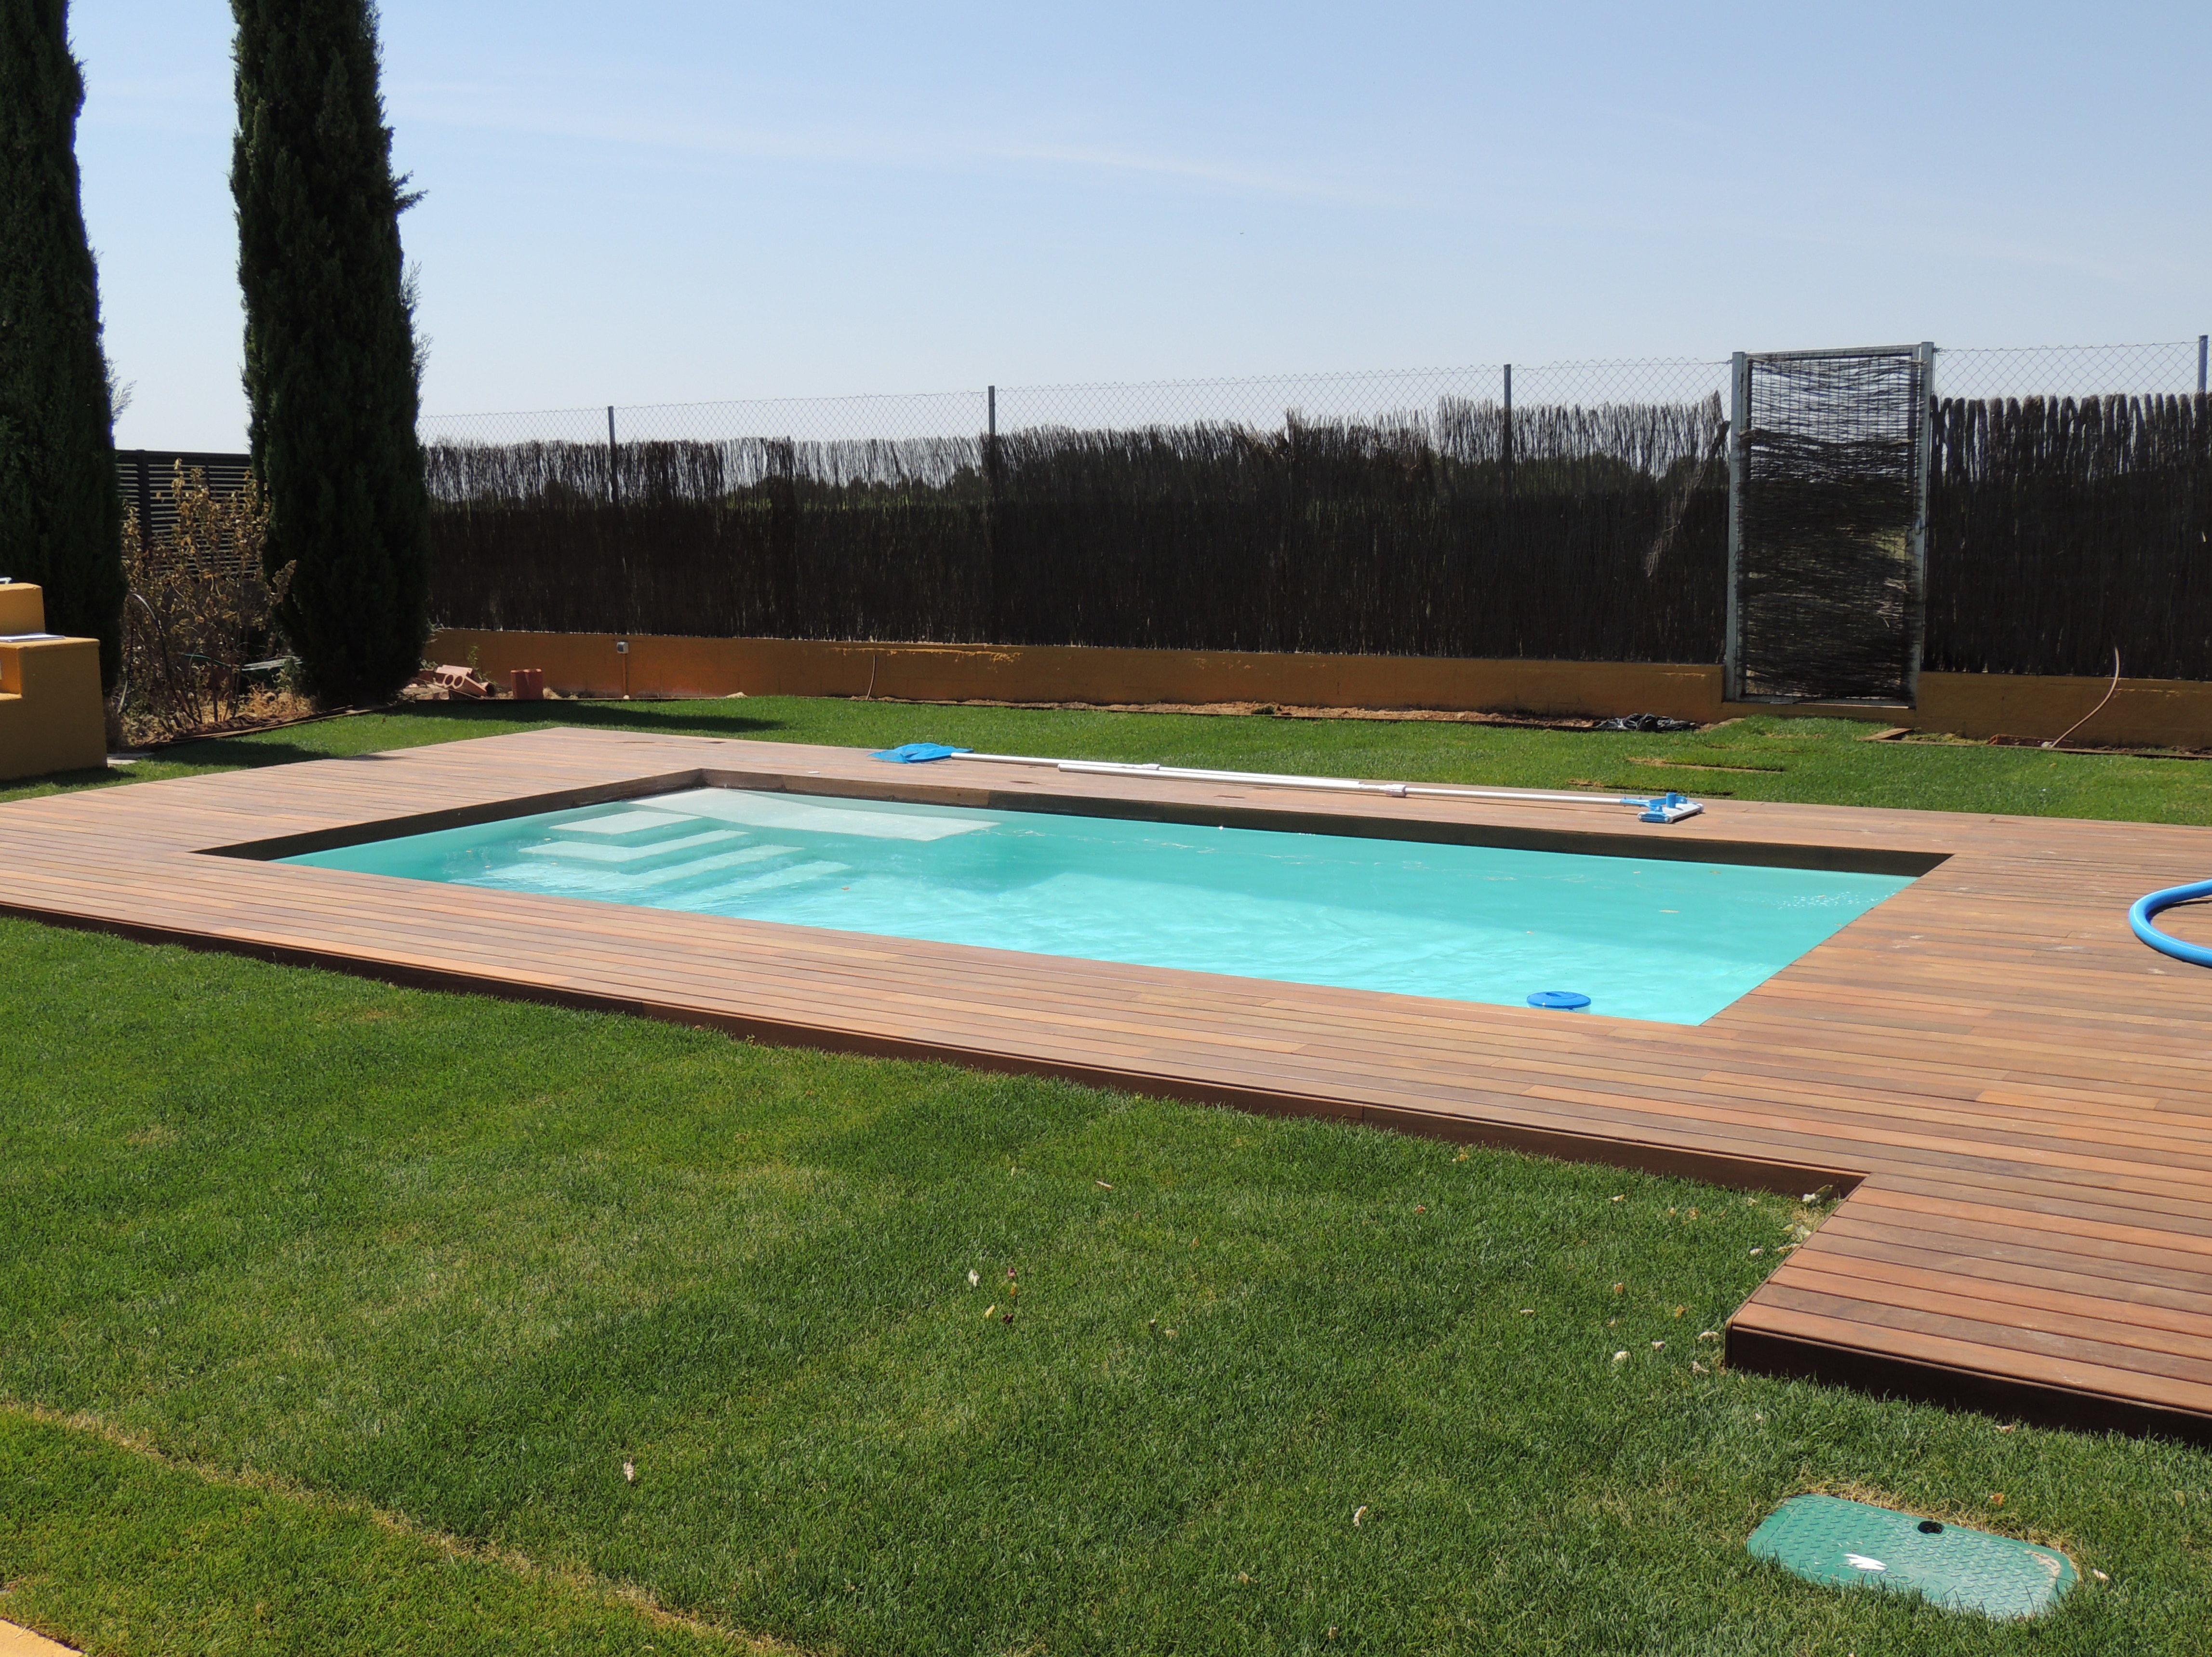 construcci n de piscinas en madrid centro para disfrutar